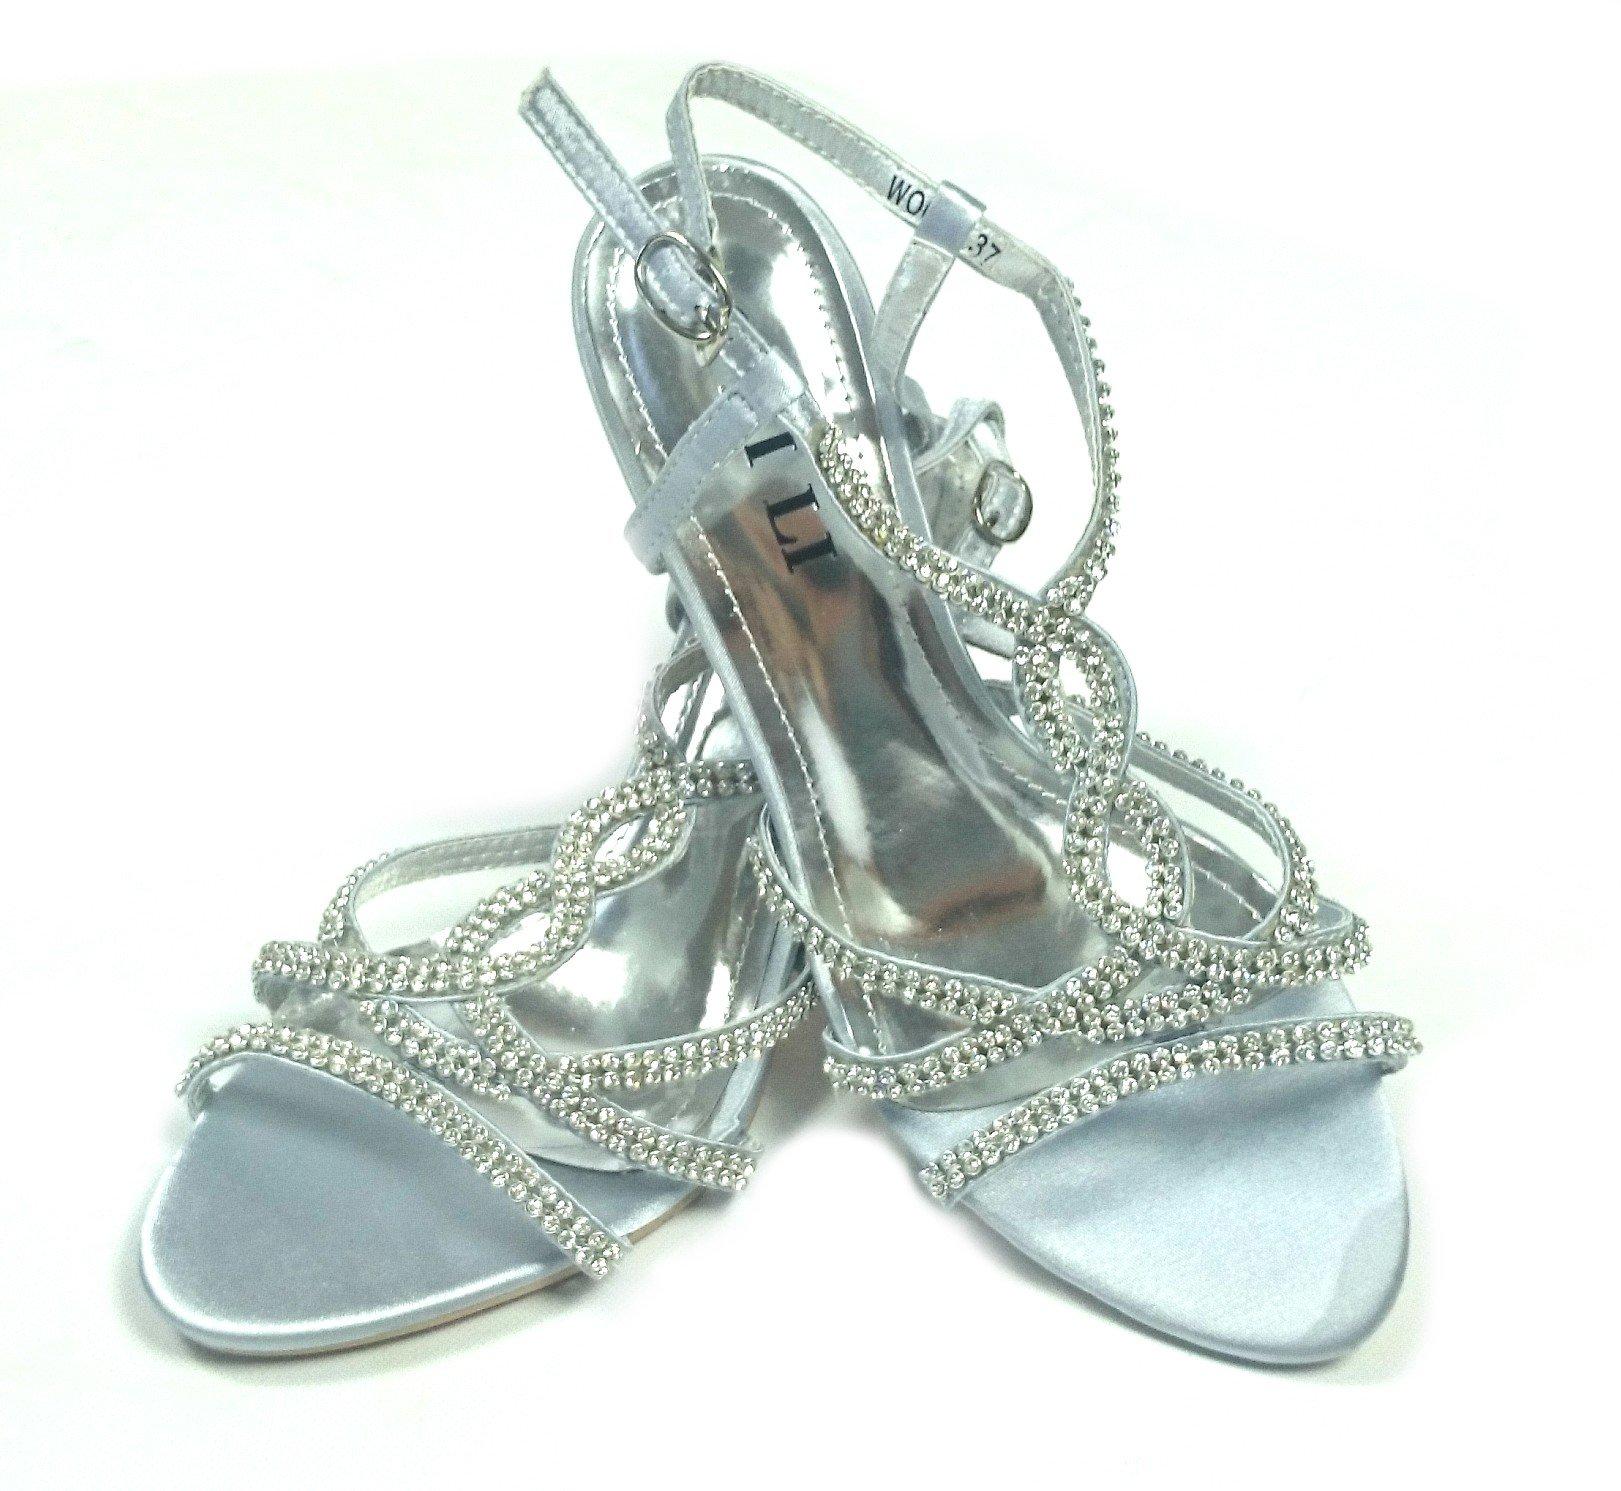 591864c21e94d Spoločenské sandále Lina strieborné · Kliknite pre zväčšenie obrázku